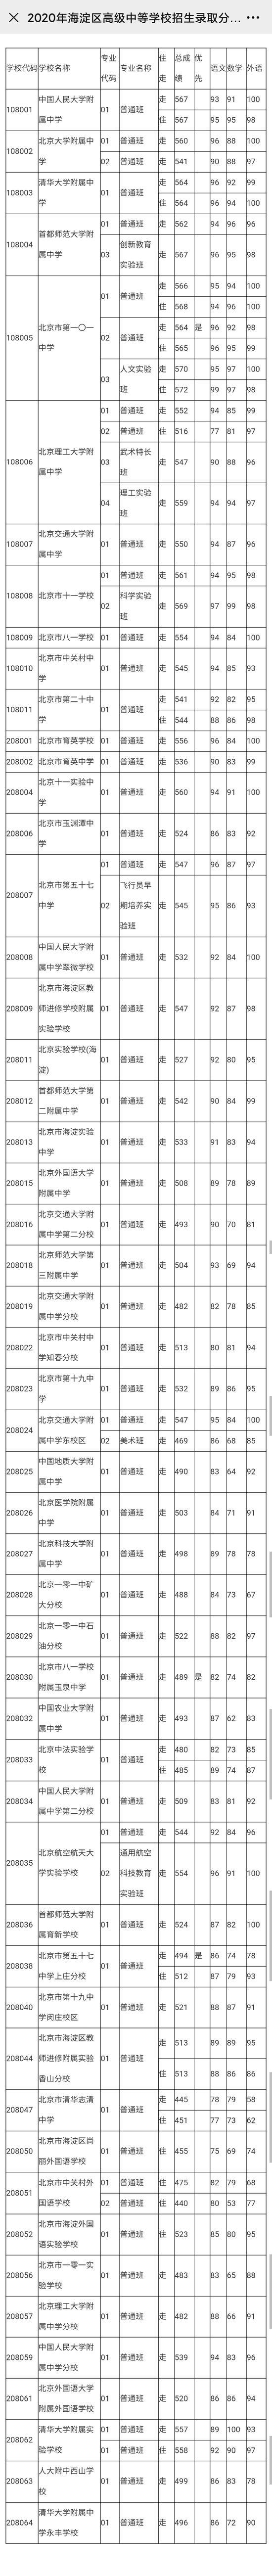 2020年北京海淀、朝阳各高中招生录取分数线公布插图